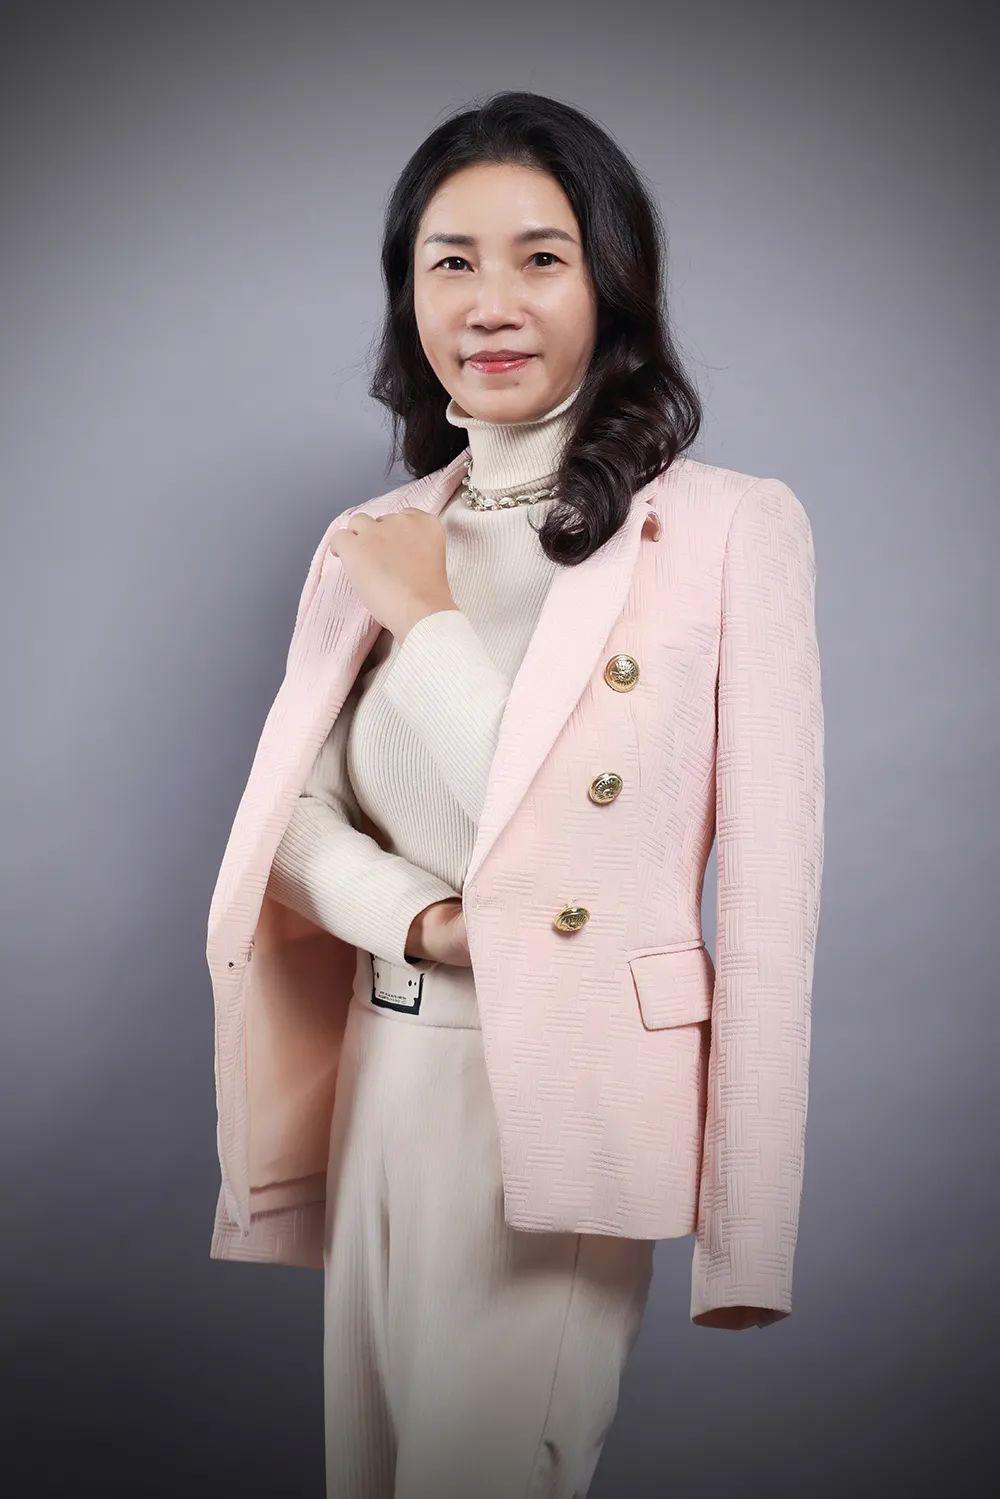 专访安盛天平朱亚明:一家头部外资财险公司的健康险经营路径